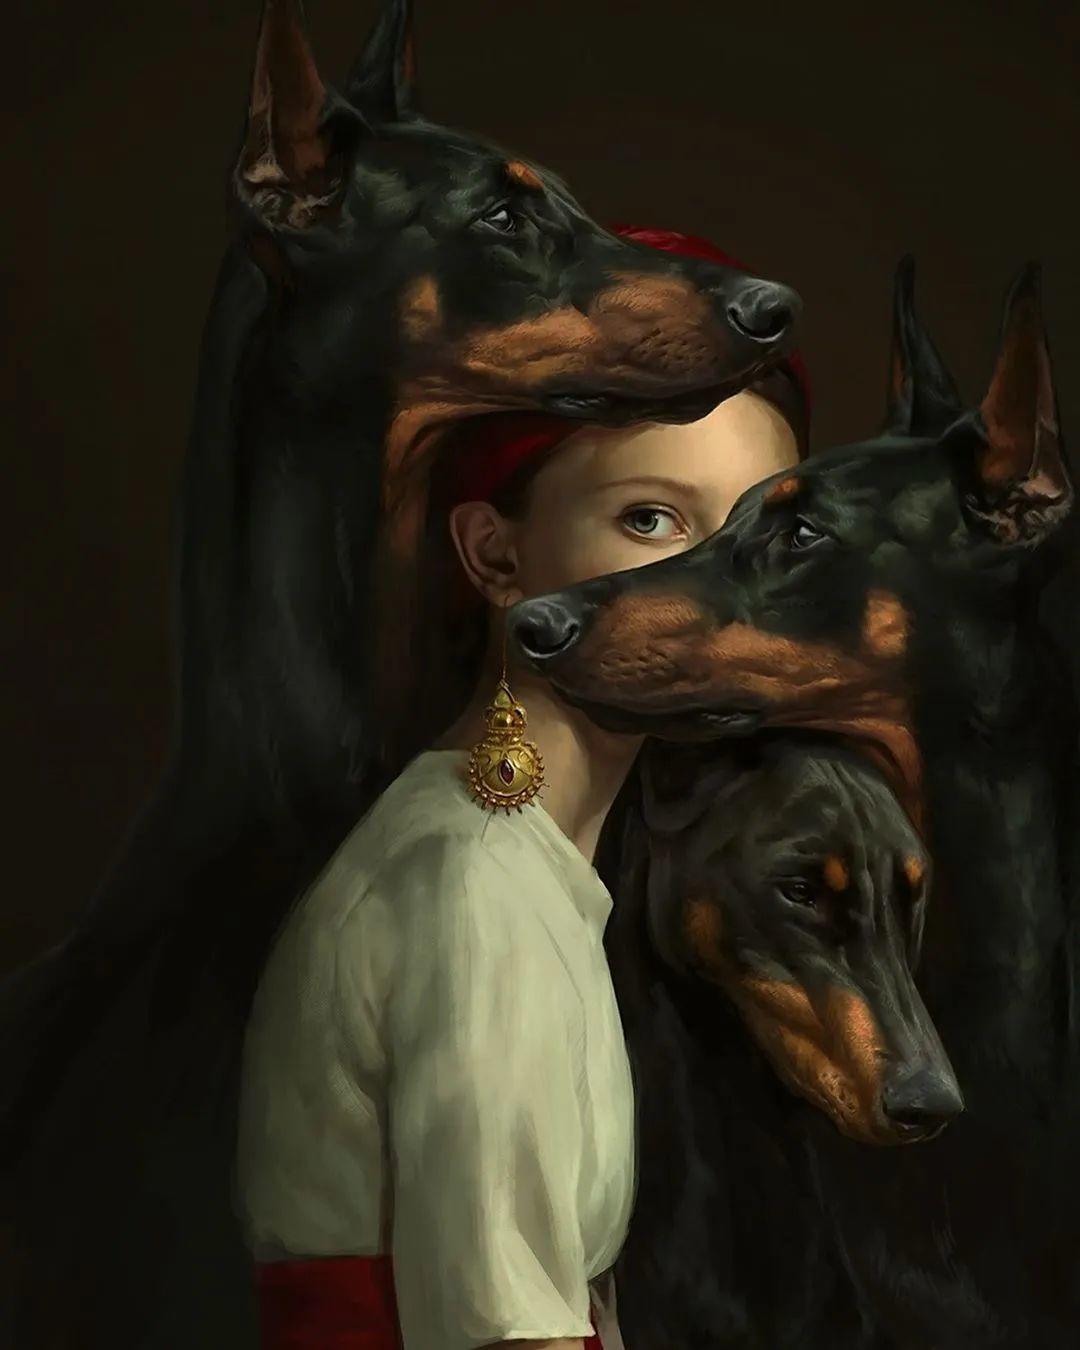 令人惊异的超现实主义肖像画,好有创意!插图15